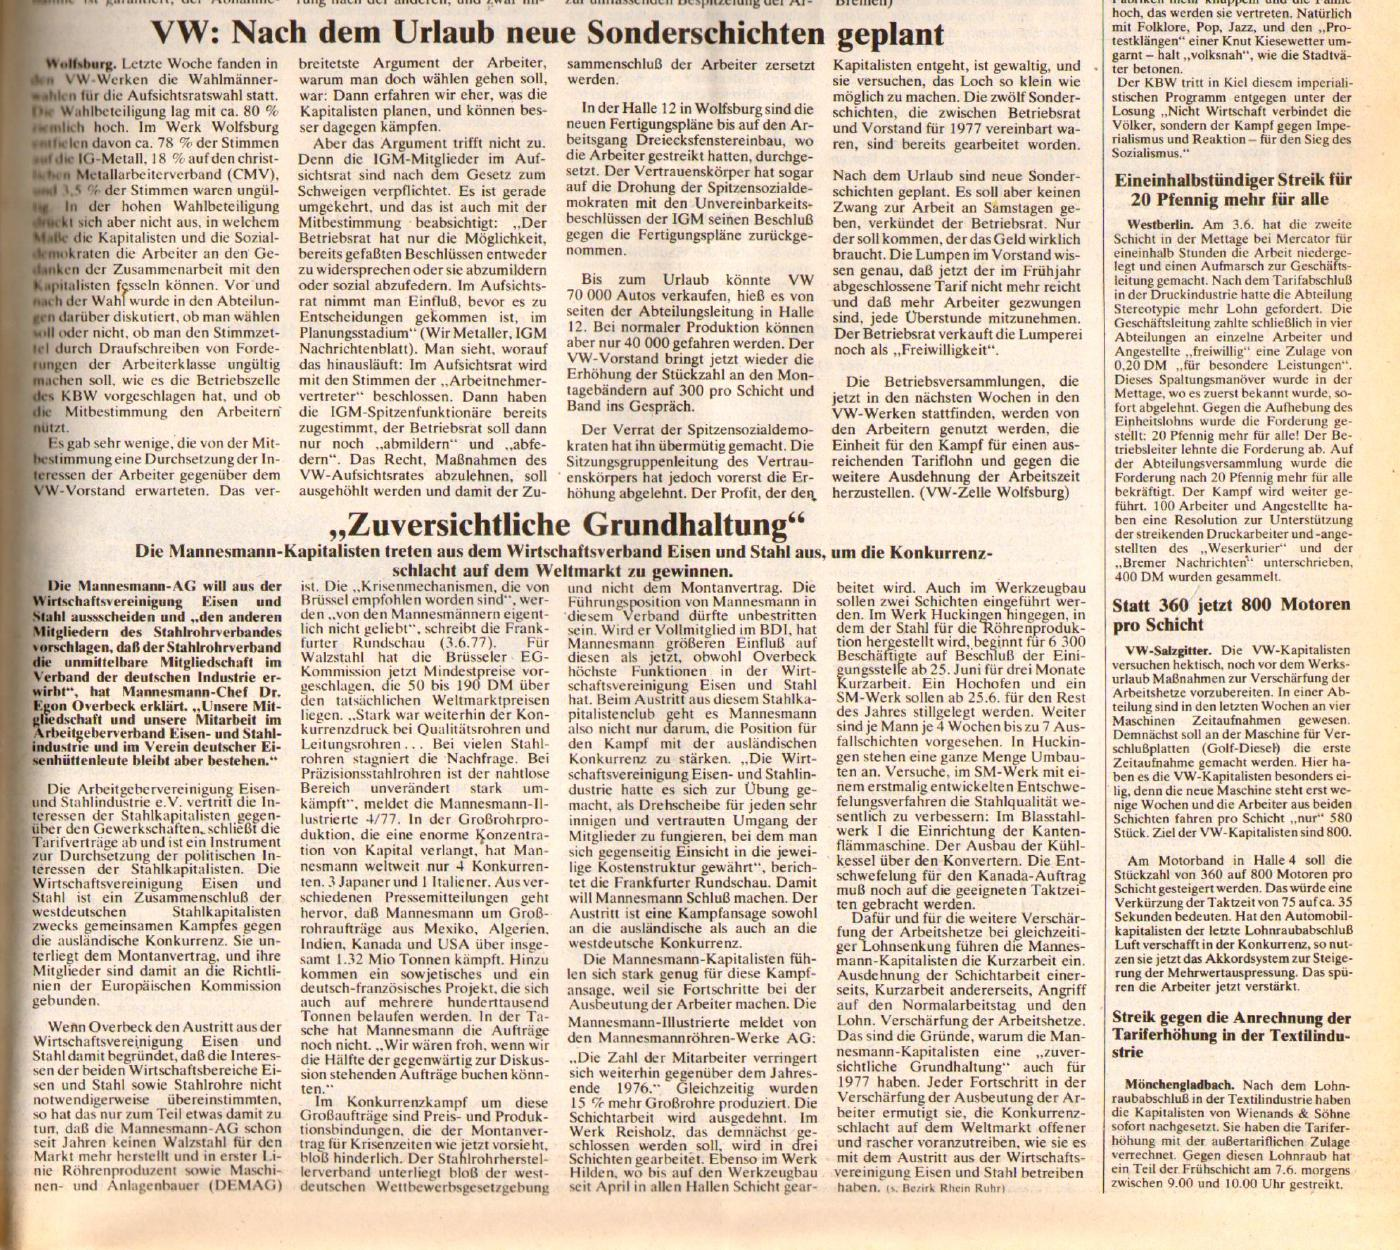 KVZ_Nord_1977_25_10